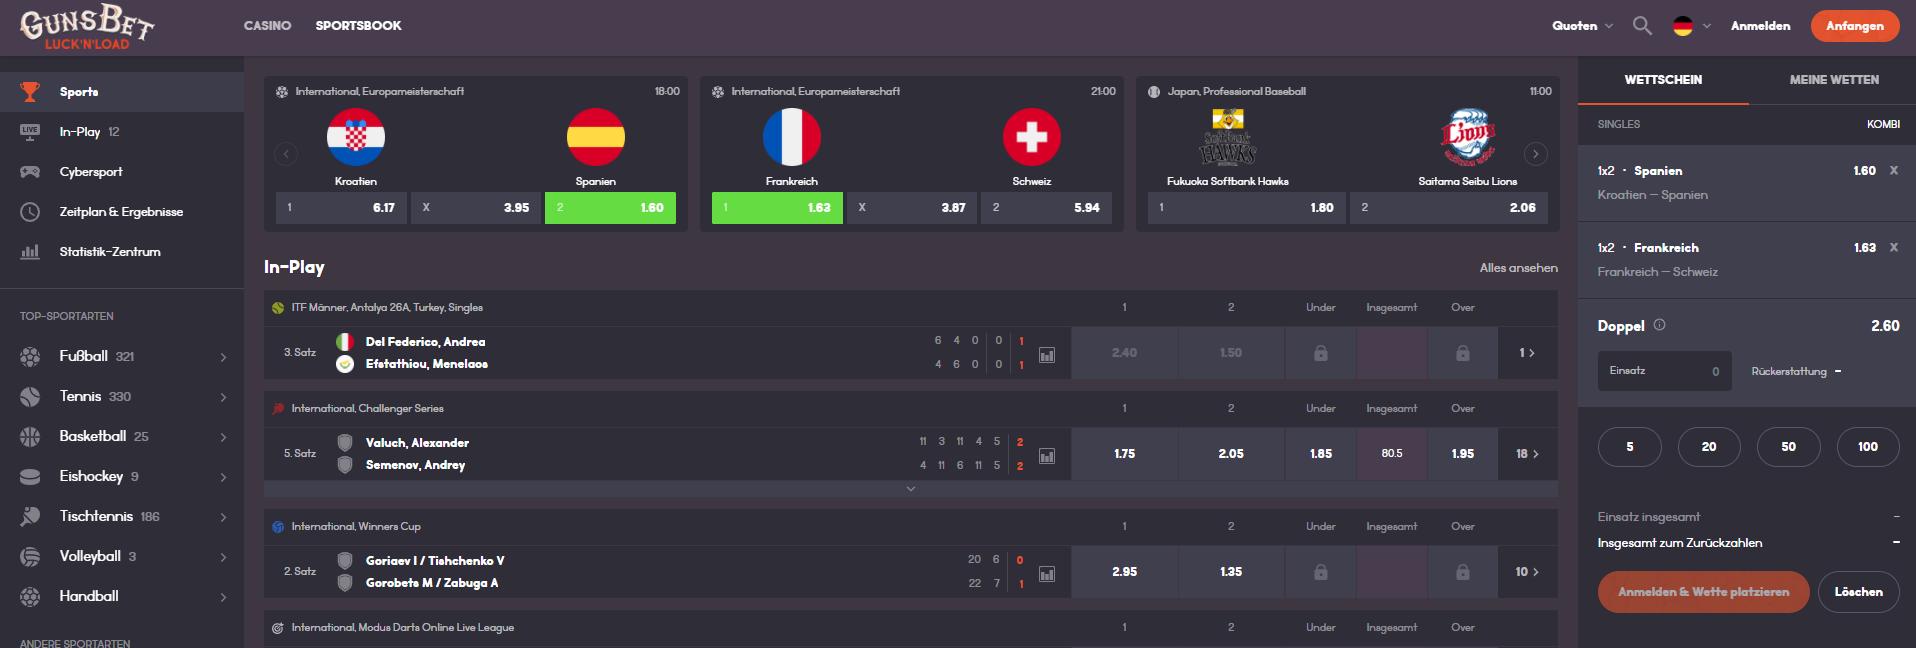 Gunsbet Schweiz - Webseite